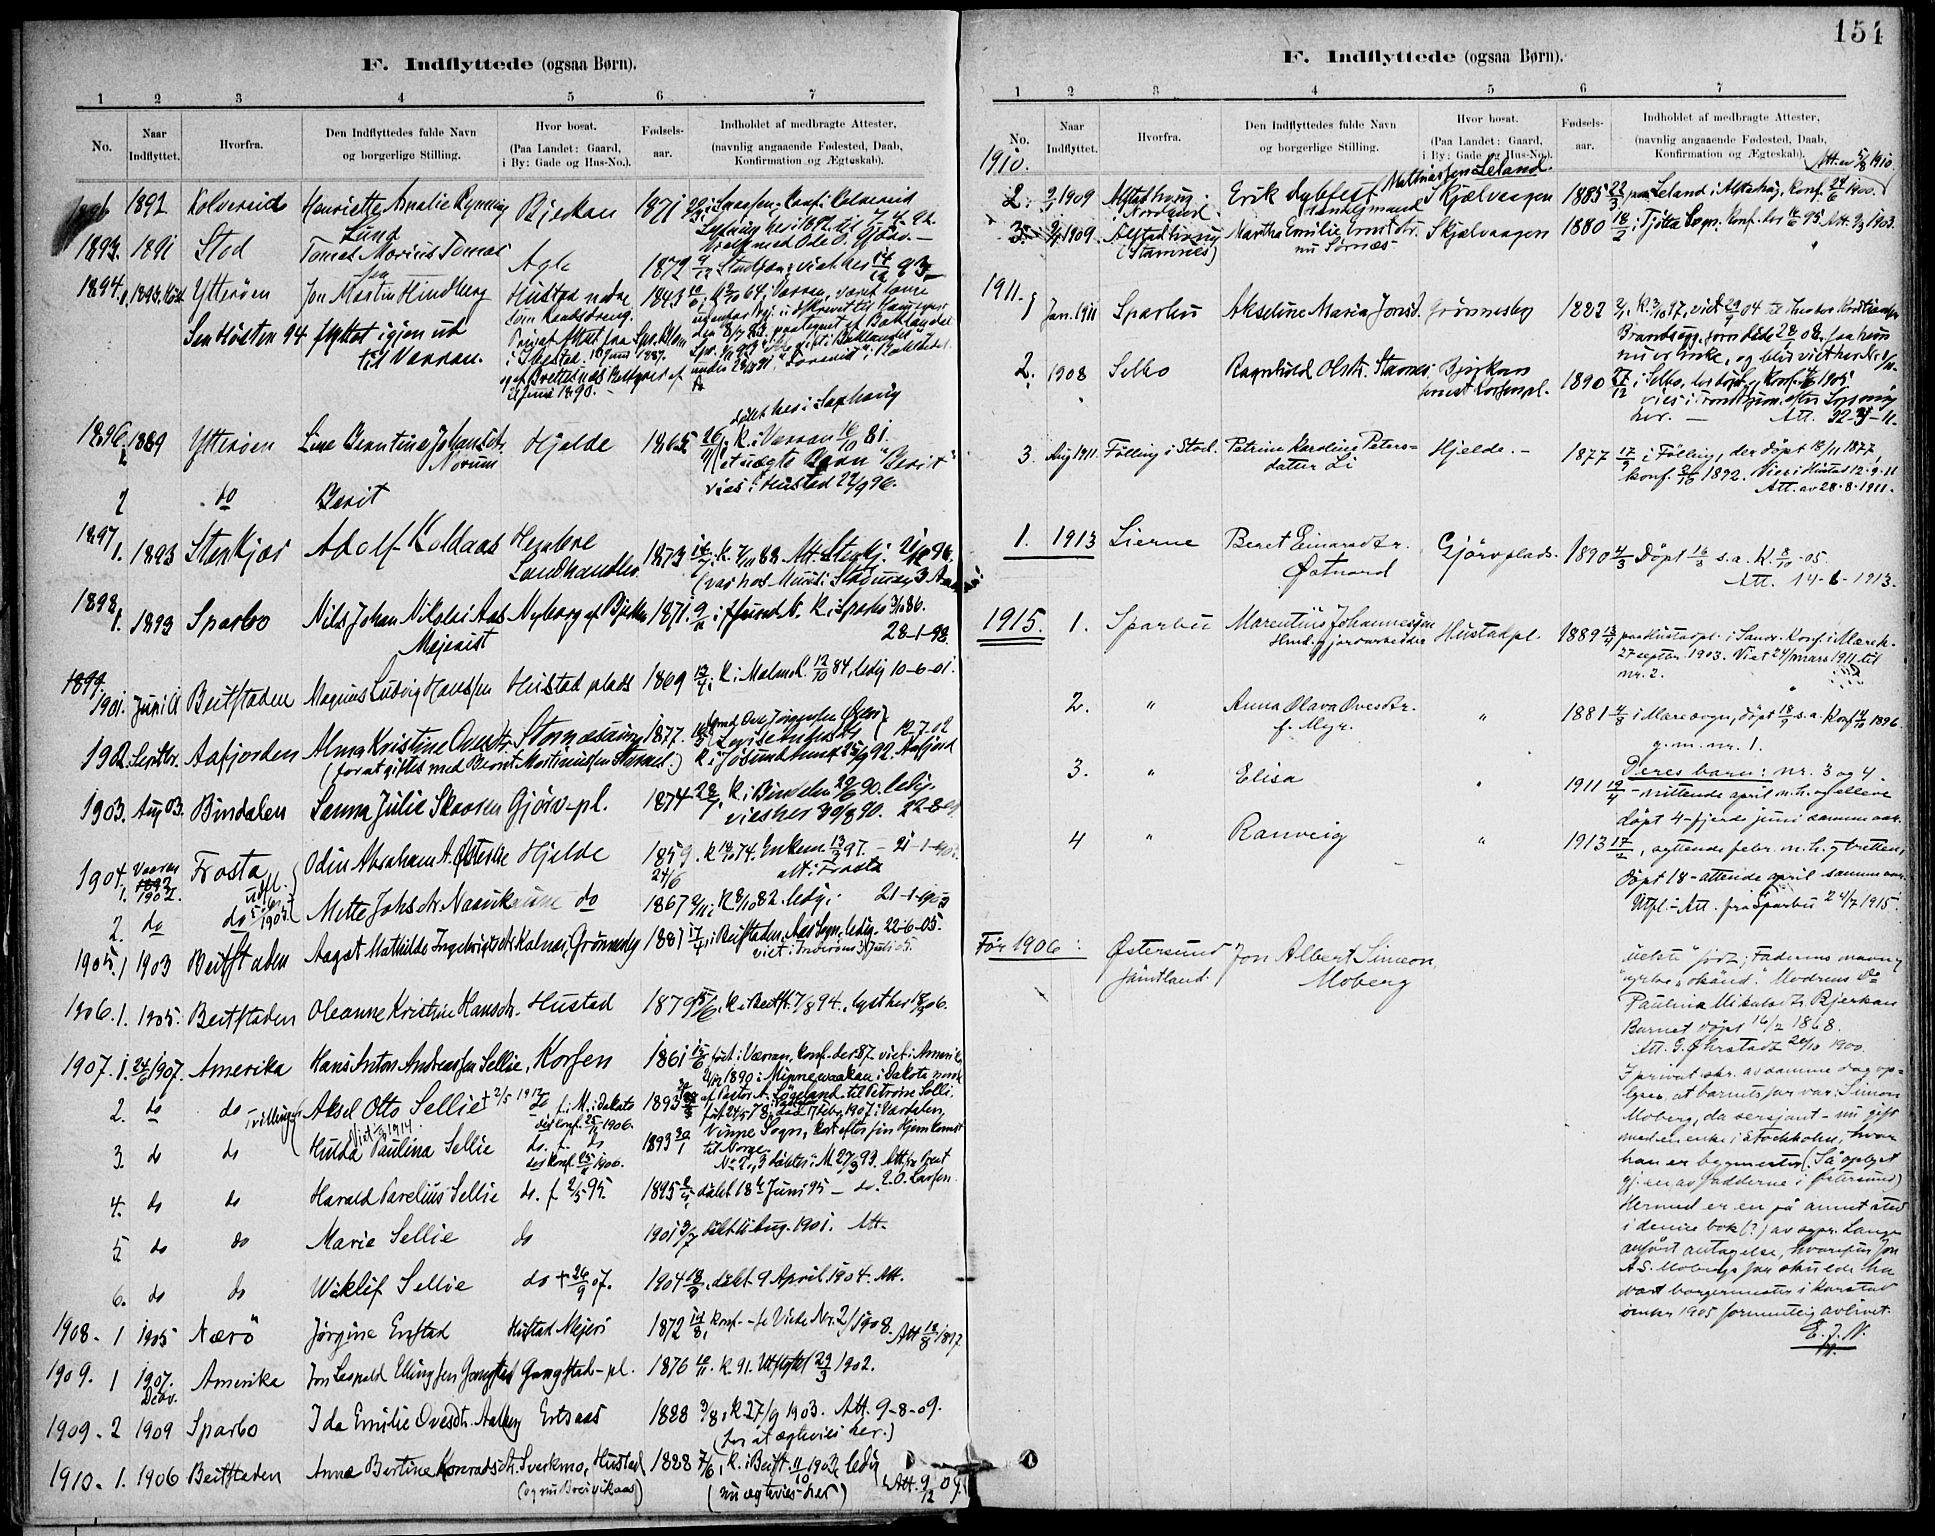 SAT, Ministerialprotokoller, klokkerbøker og fødselsregistre - Nord-Trøndelag, 732/L0316: Ministerialbok nr. 732A01, 1879-1921, s. 154